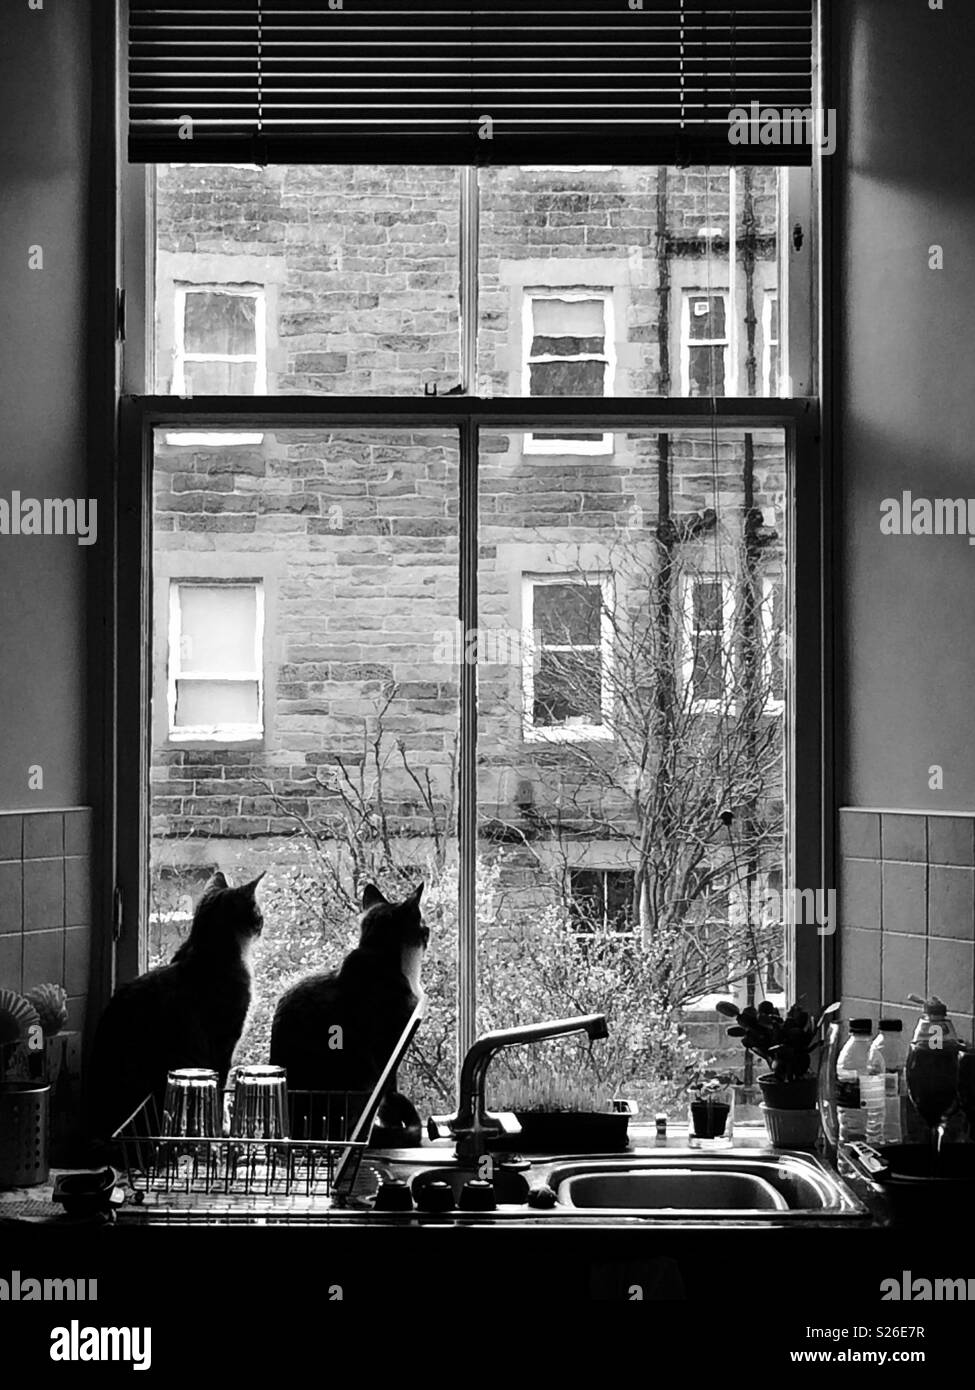 Dos gatos sentados en la ventana de la cocina mirando hacia afuera en el jardín. Imagen De Stock